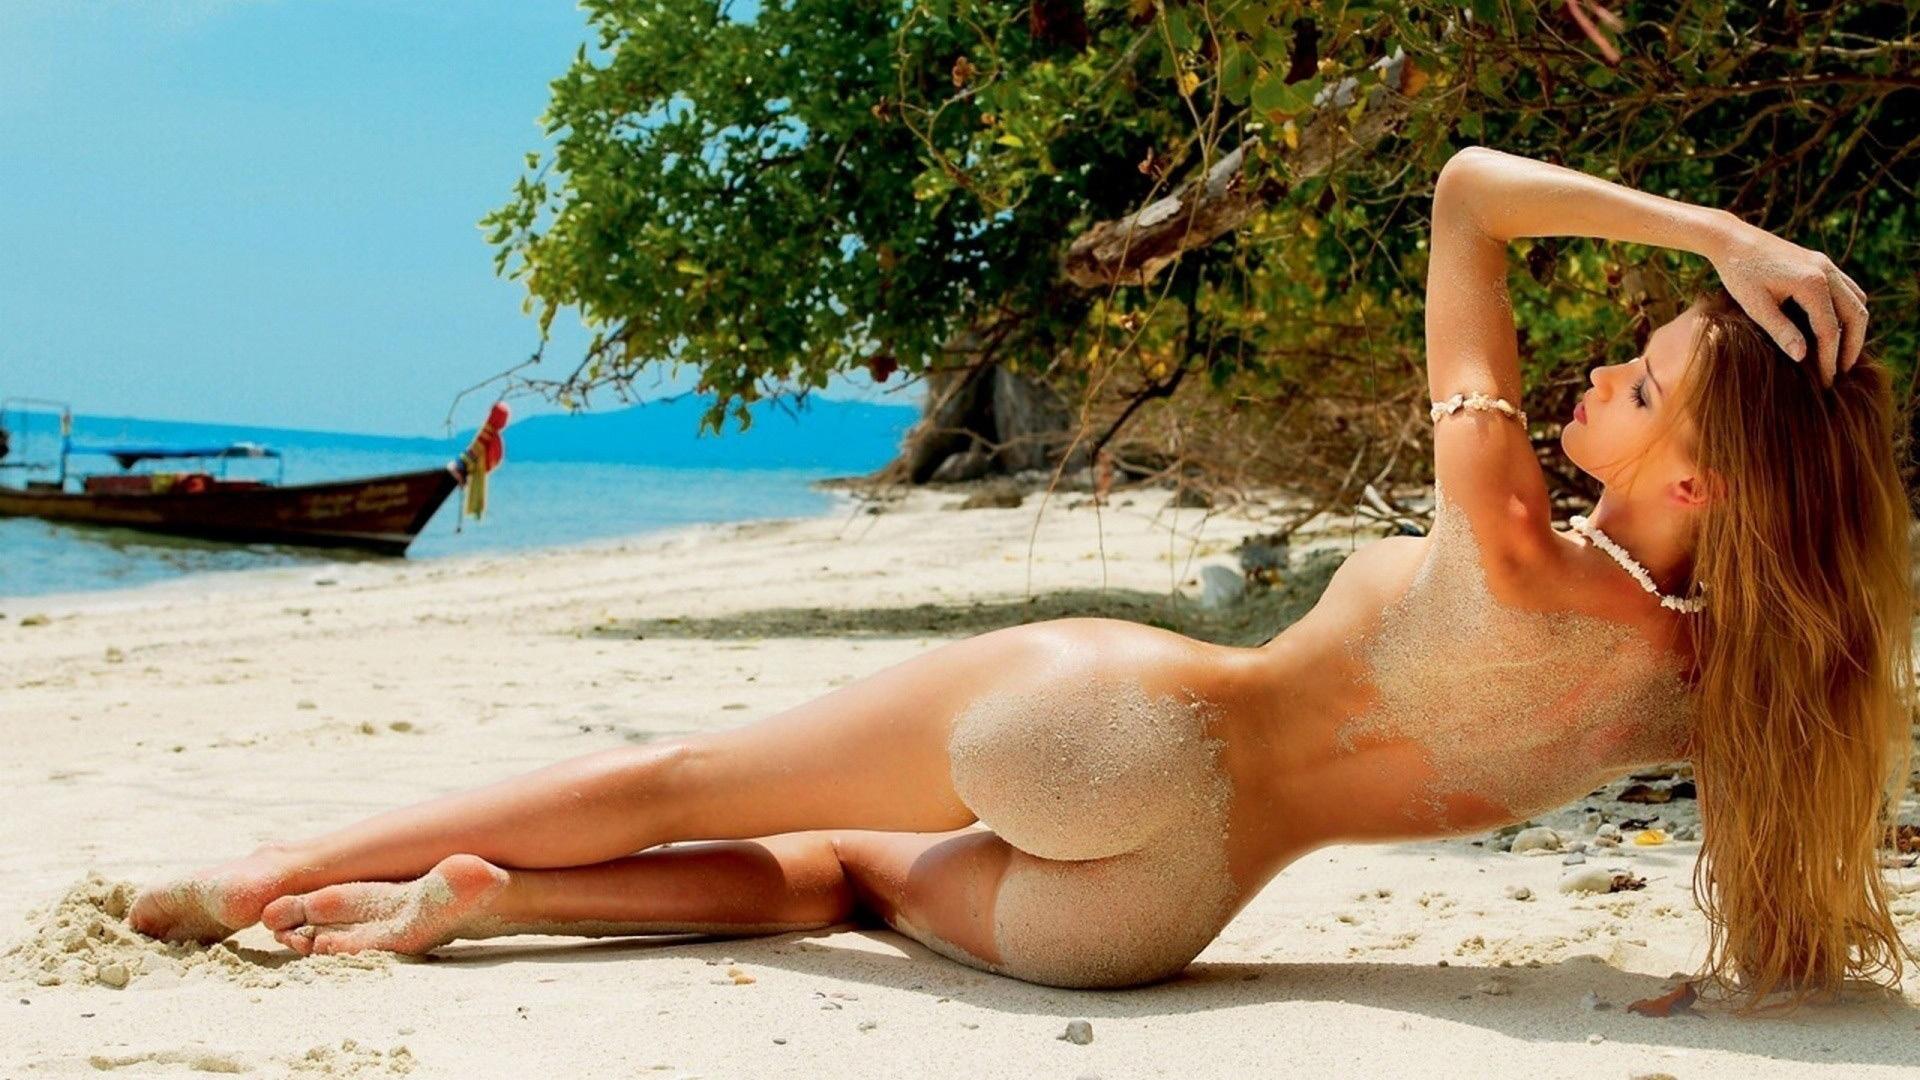 porn models naked